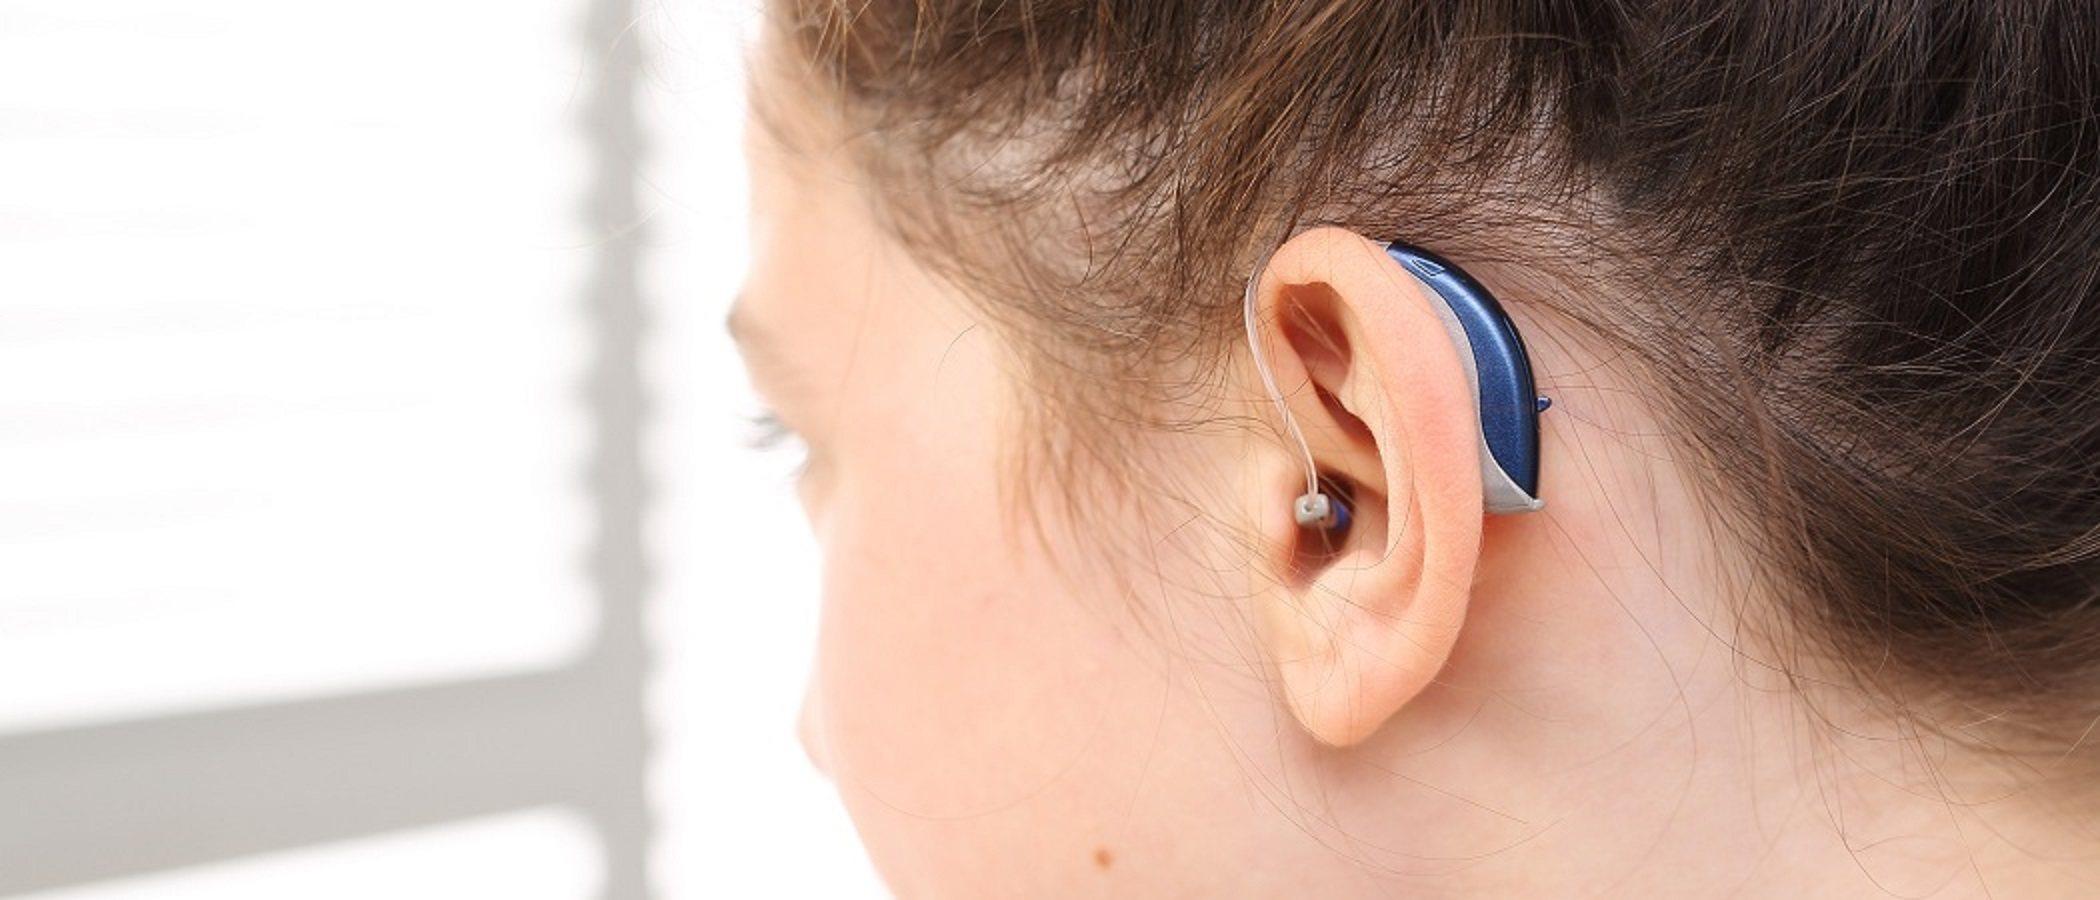 Parece que mi hijo no oye bien, ¿podría estar sordo?